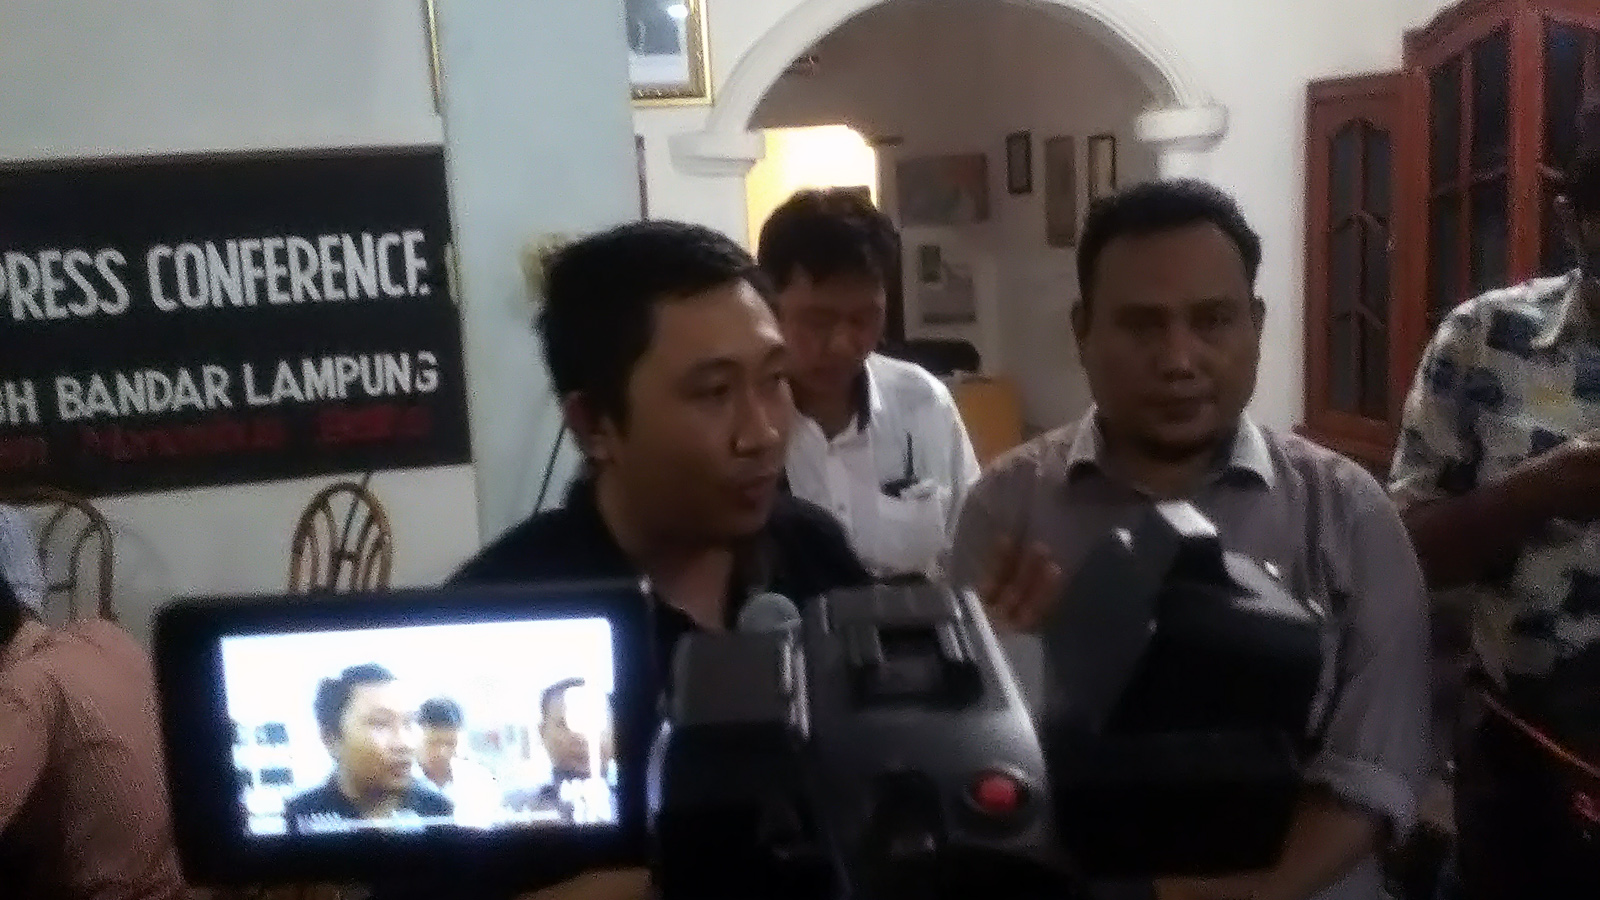 Direktur Lembaga Bantuan Hukum (LBH) Bandarlampung Alian Setiadi. (Lampungnews/Adam)